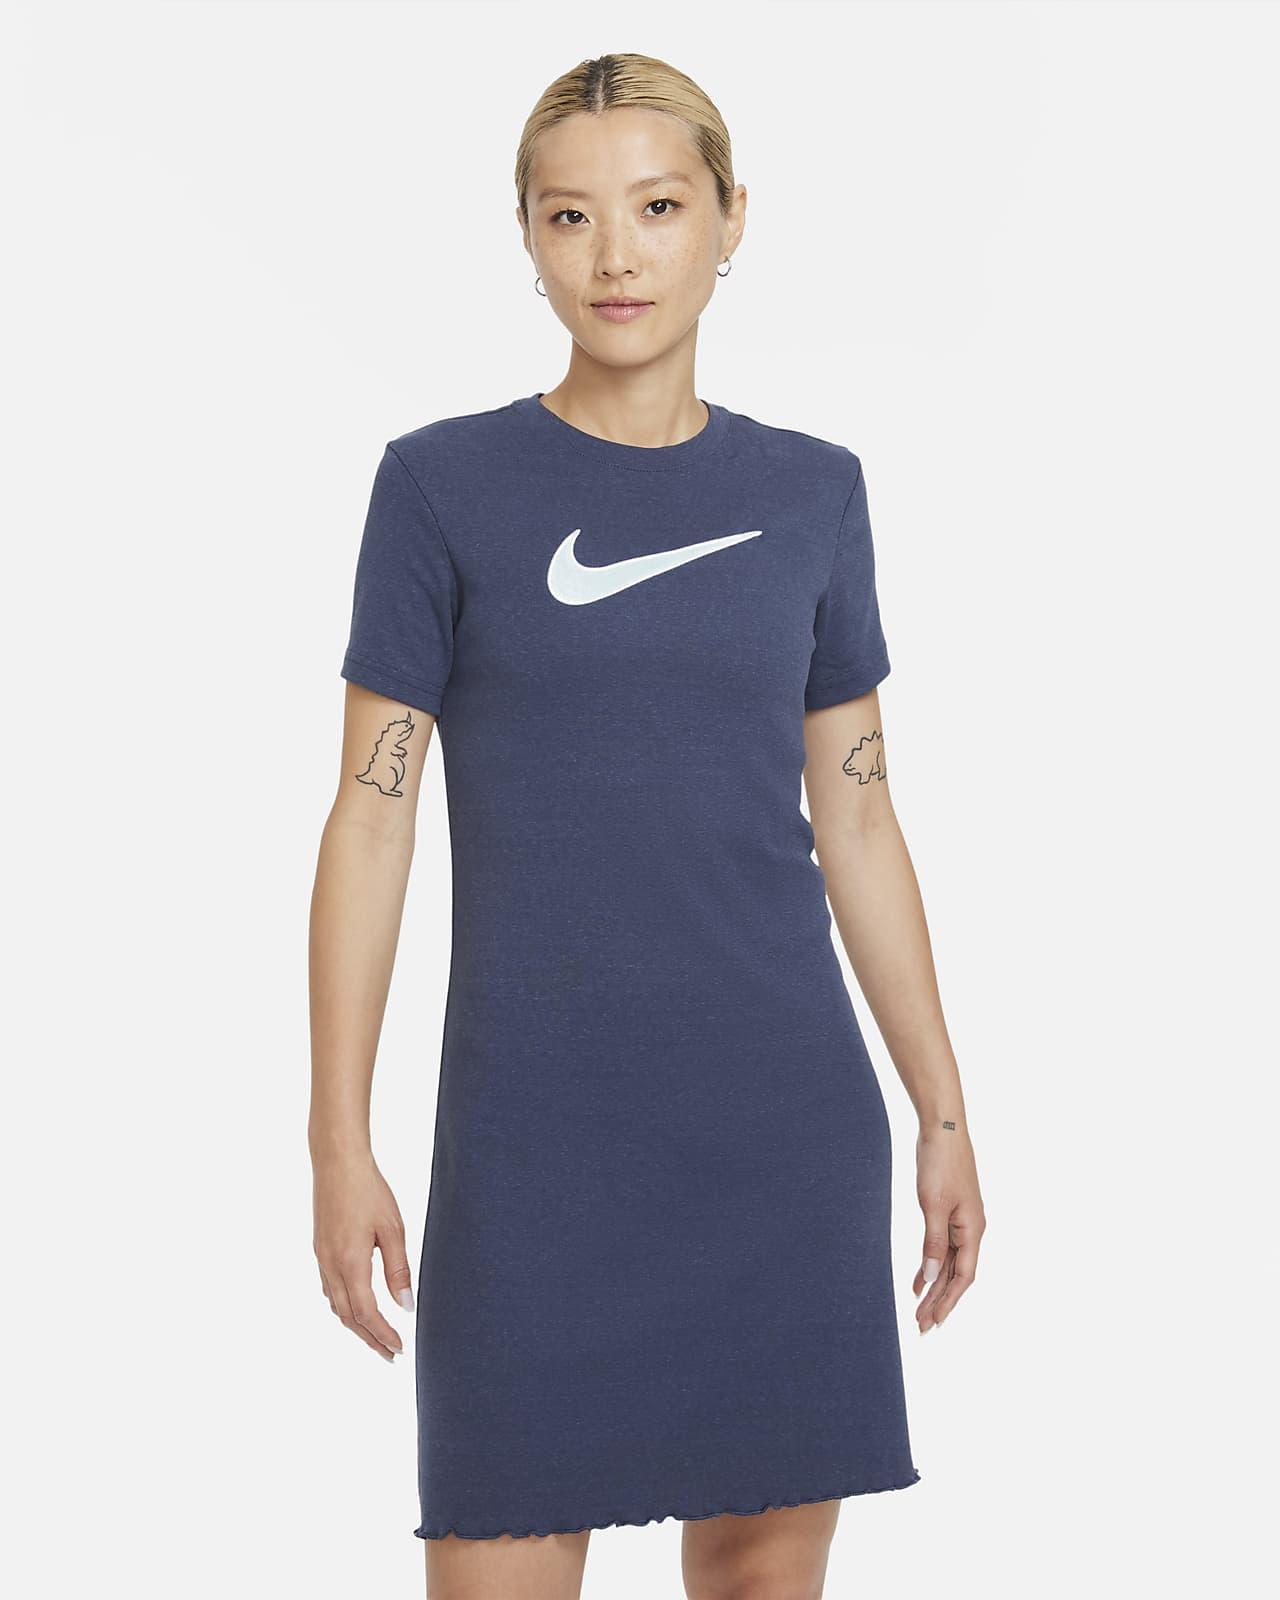 ナイキ スポーツウェア ファム ウィメンズドレス